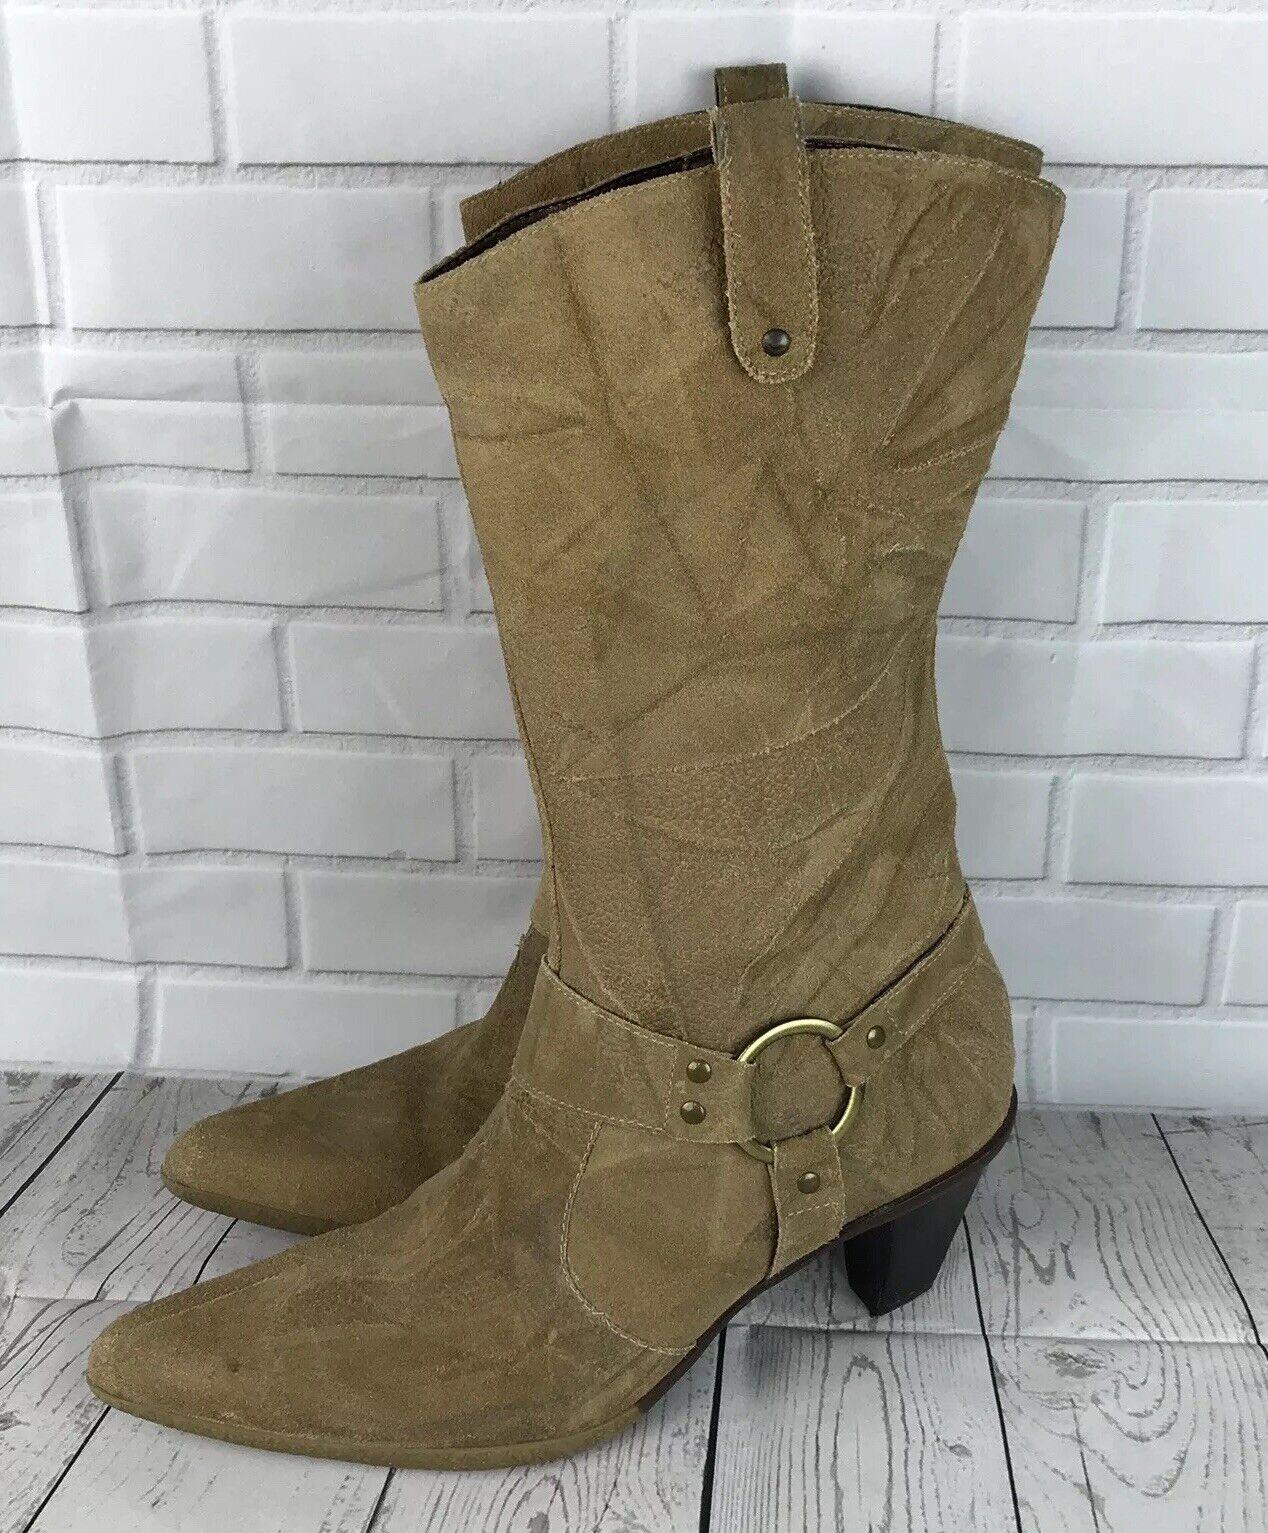 Andrea Carrano Tan Suede Mid Calf Harness Boots Heel Womens Sz 9